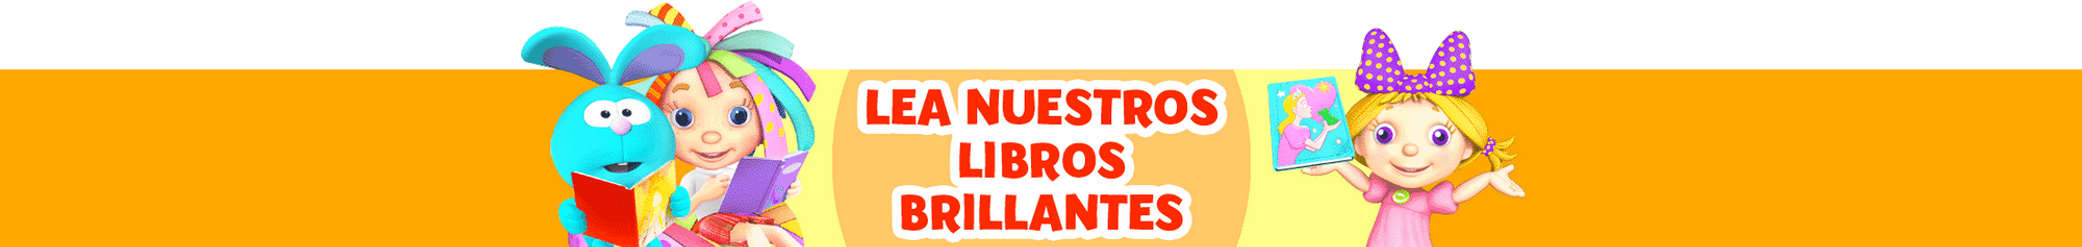 spanish - read-our-brilliant-books-banne